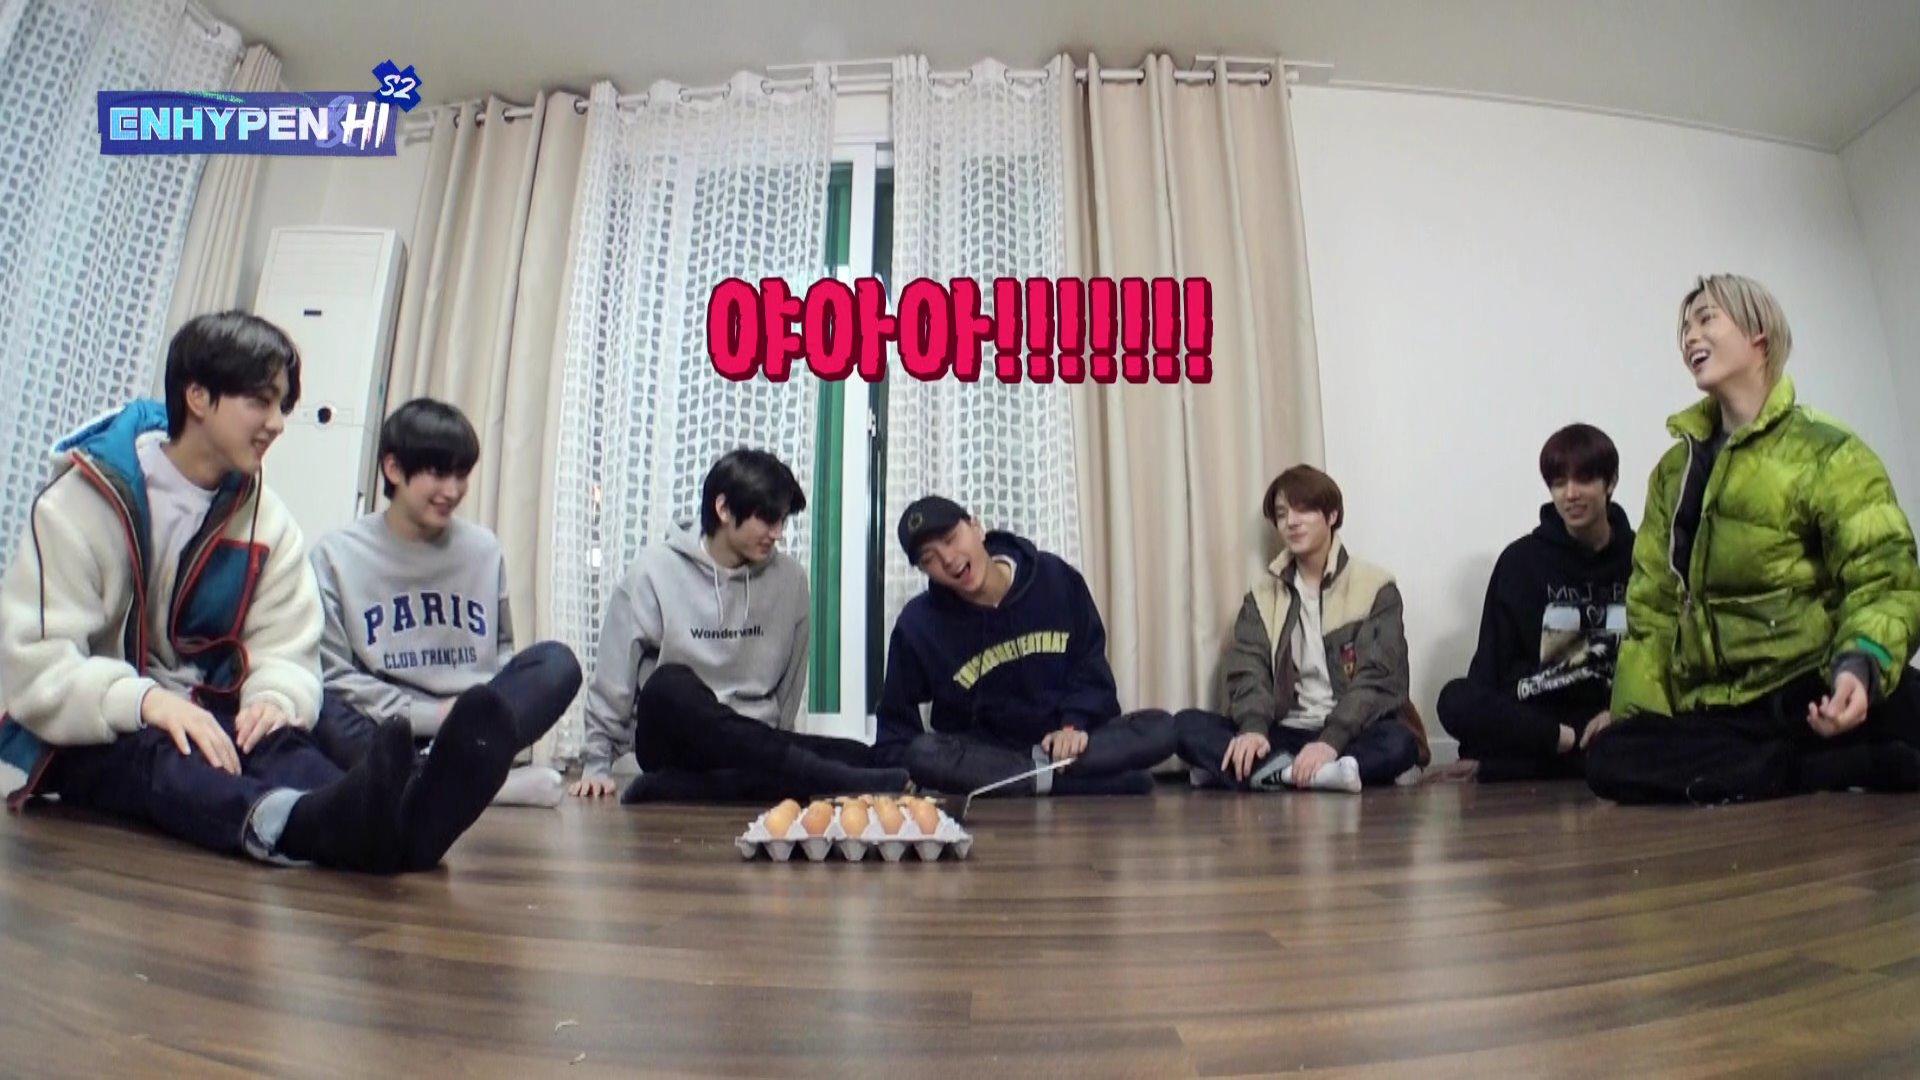 ENHYPEN (엔하이픈) 'ENHYPEN&Hi' Season 2 Teaser (Character ver.)